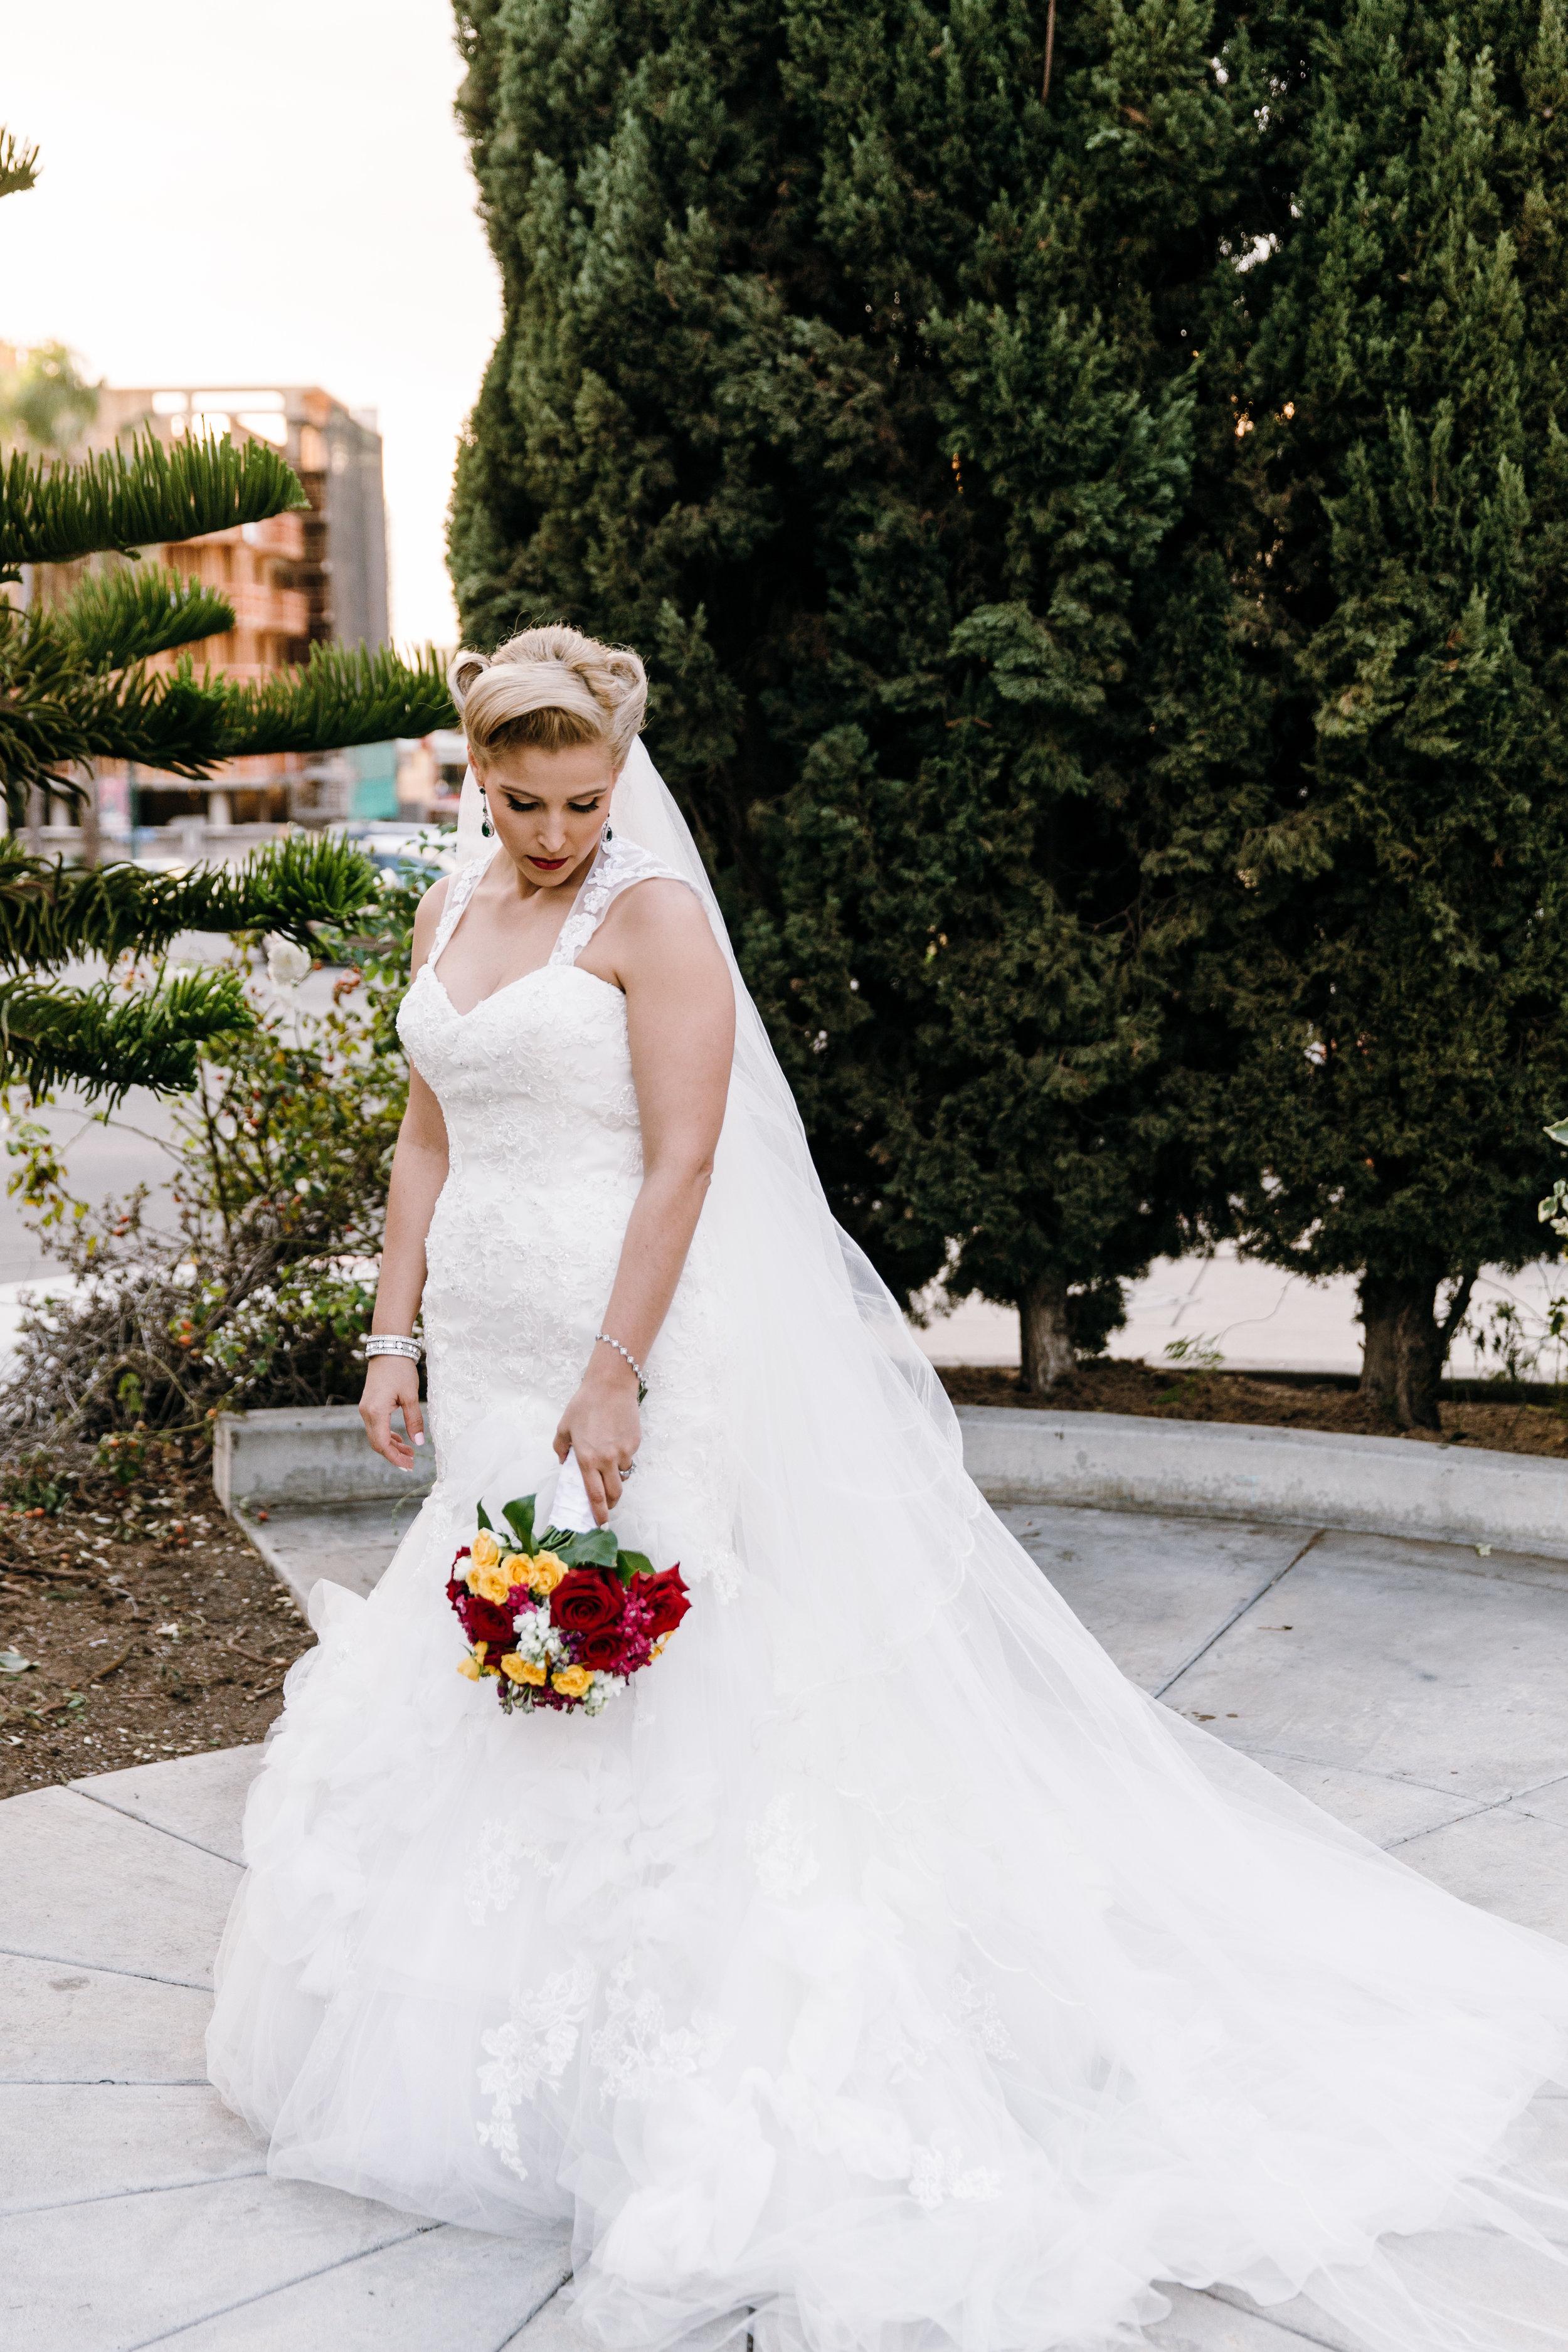 KaraNixonWeddings-SanDiego-Wedding-26.jpg